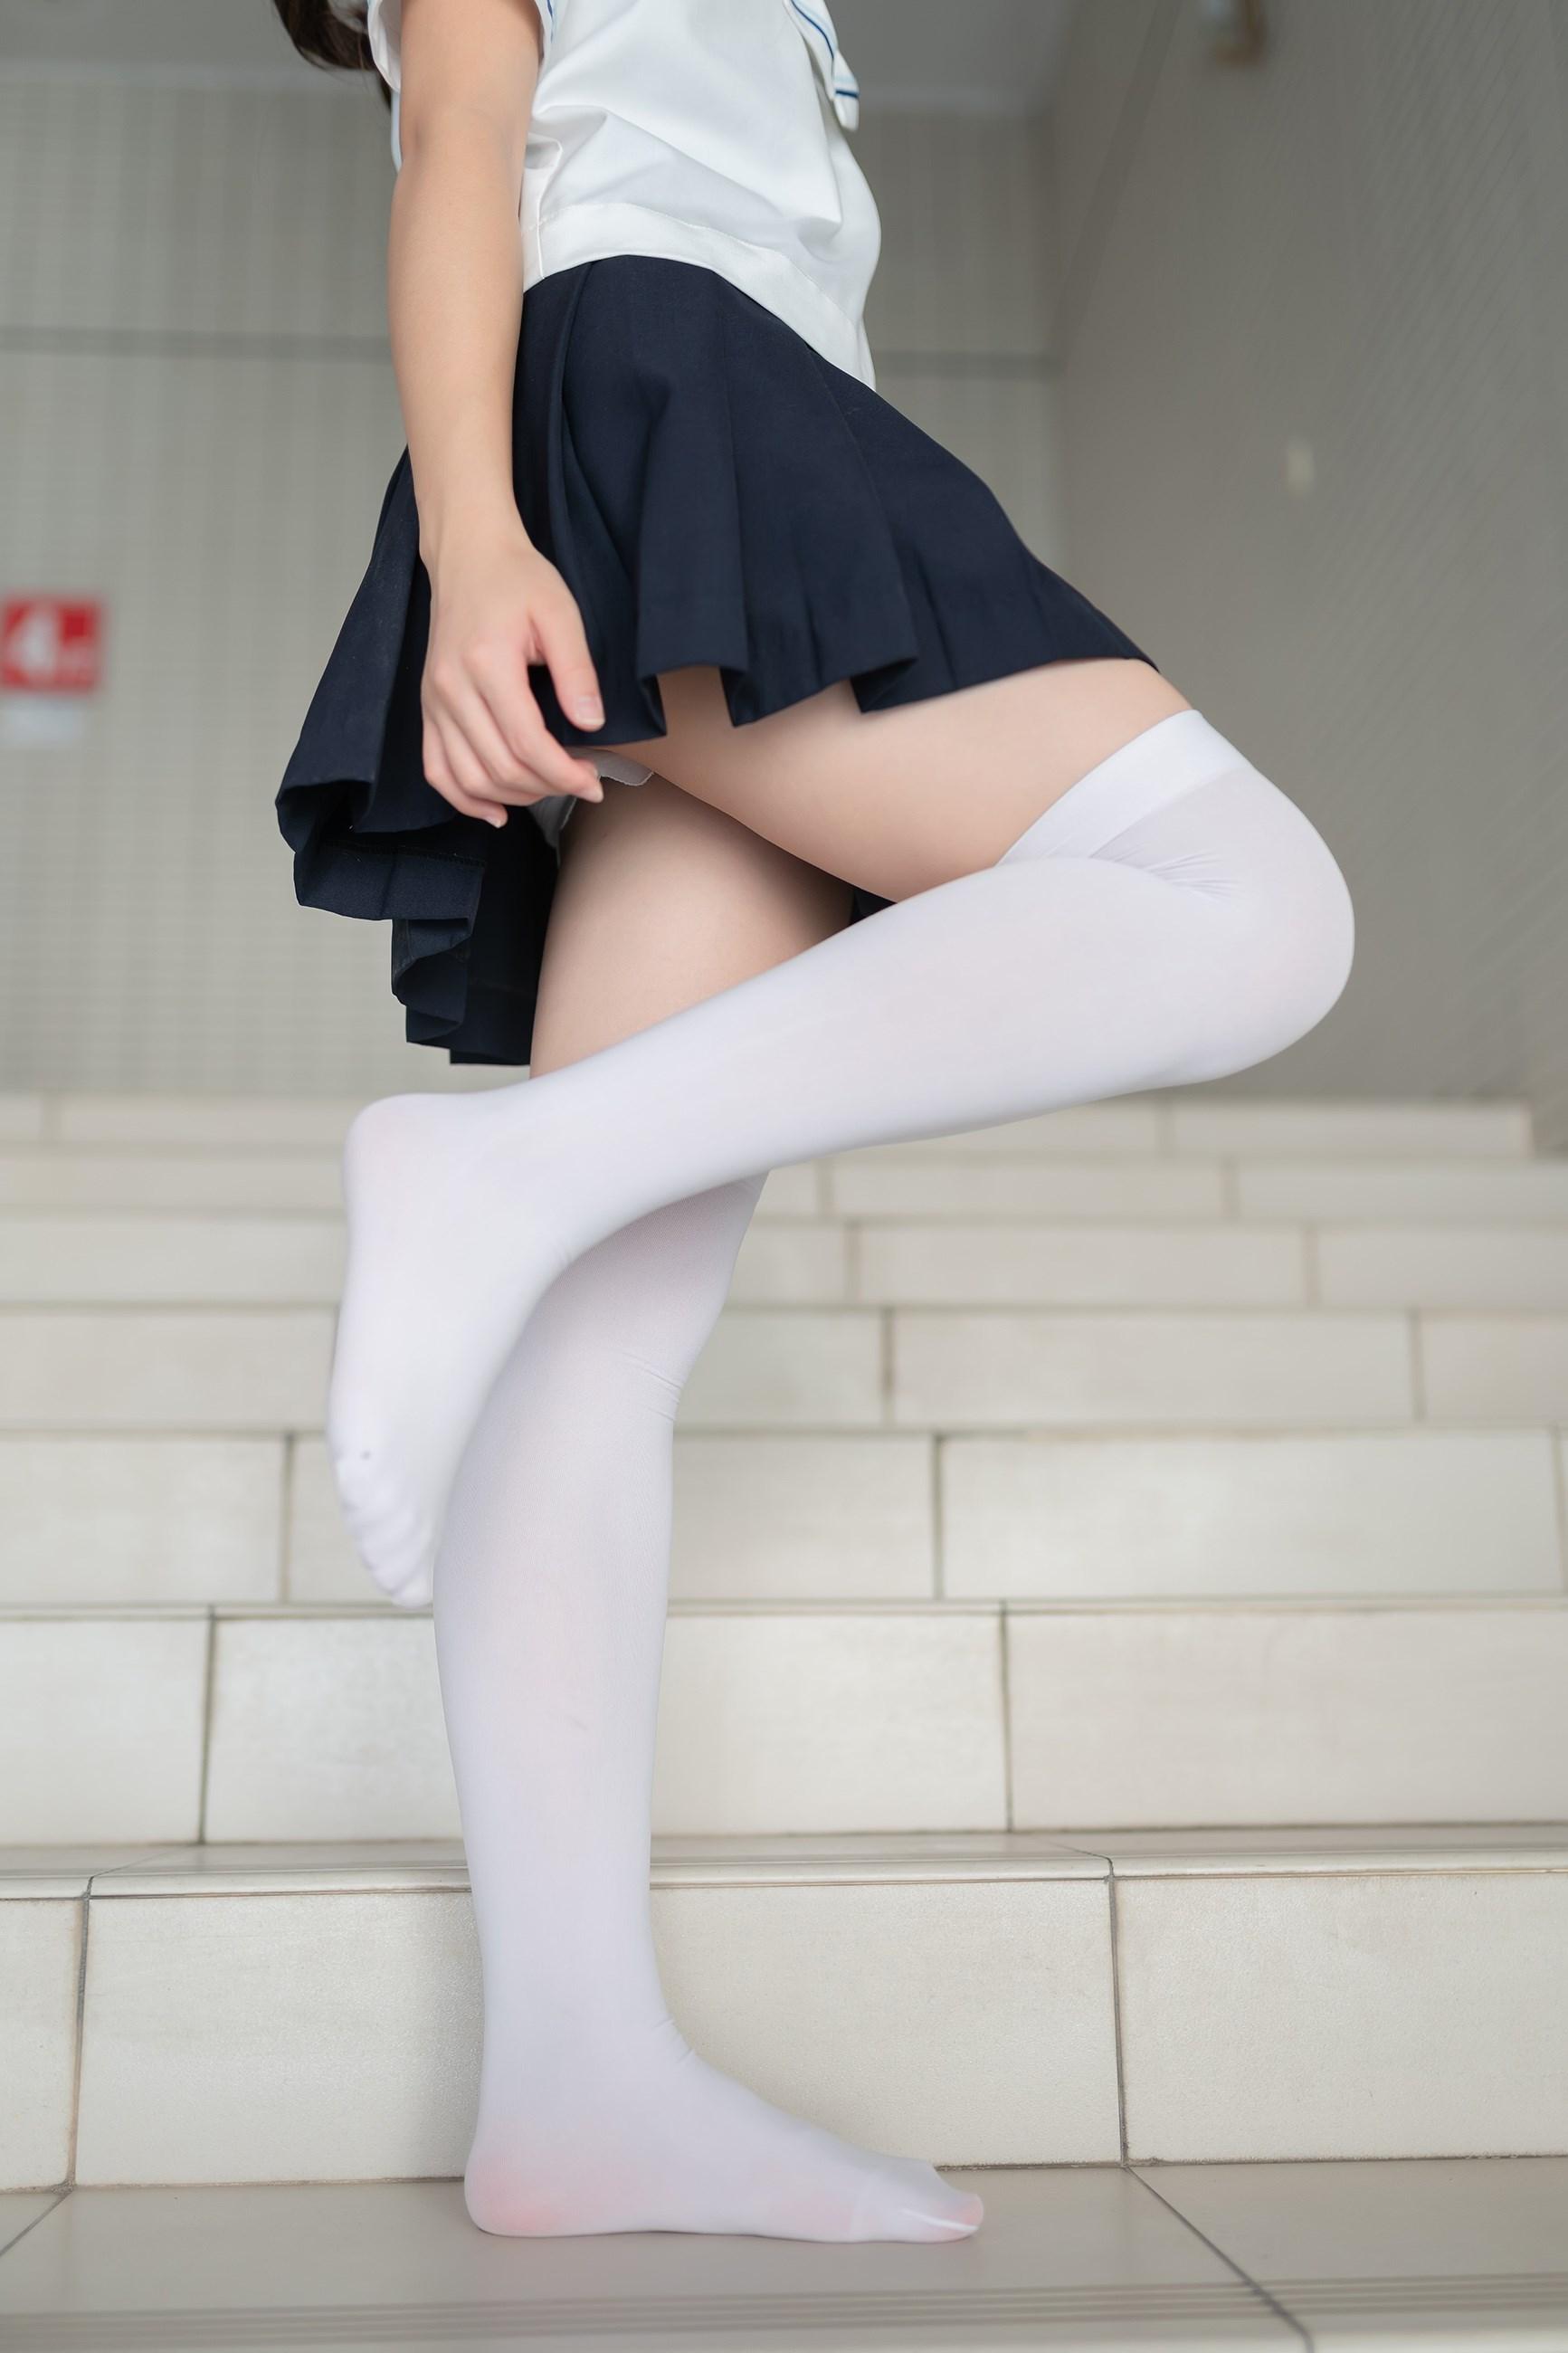 【兔玩映画】楼梯上的白丝少女 兔玩映画 第31张